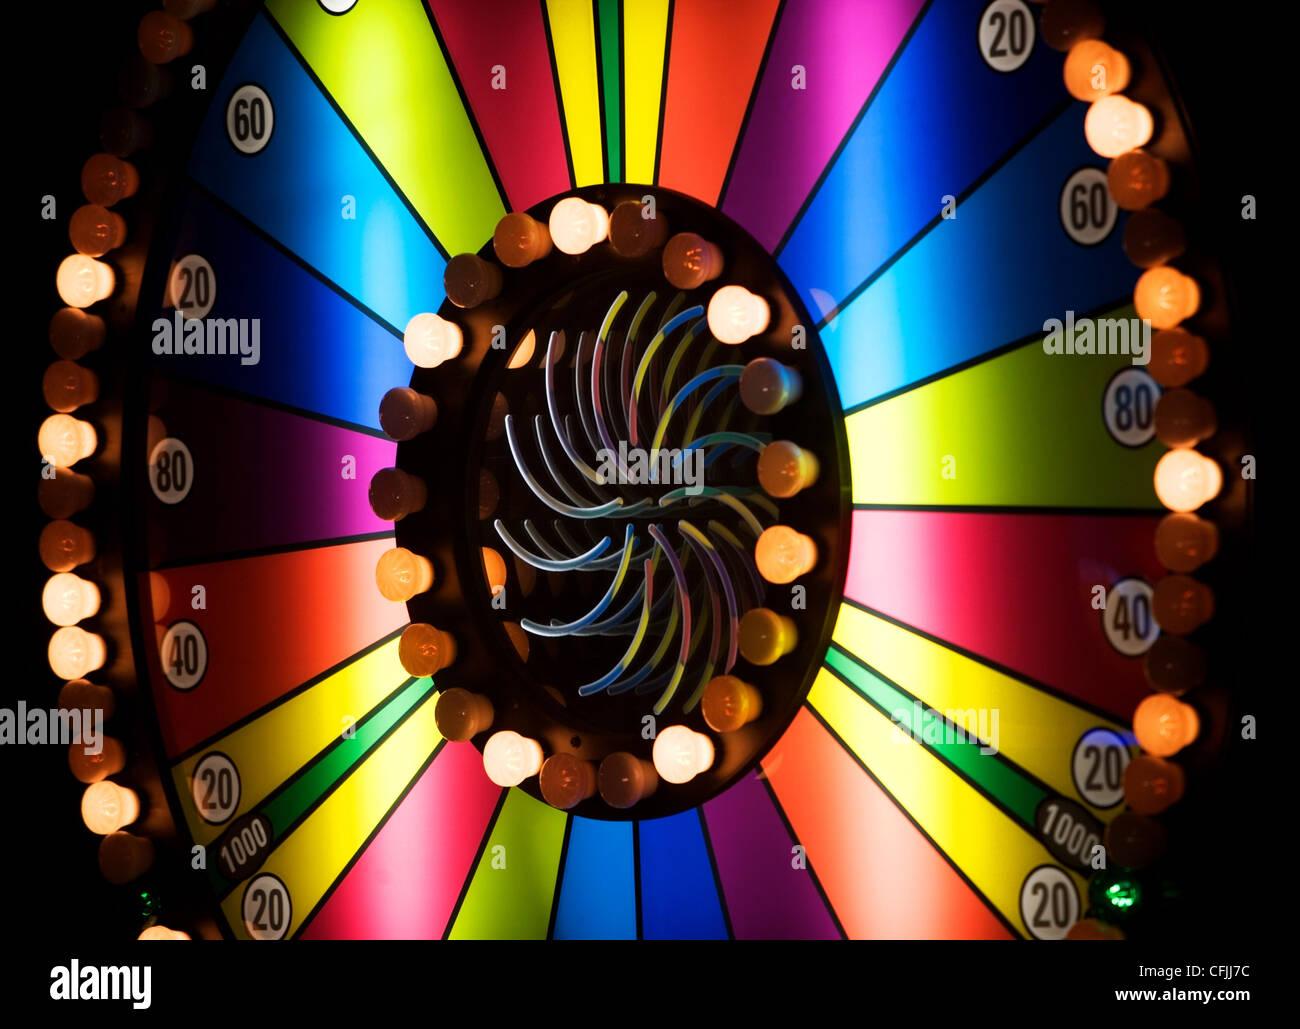 Brightly colored casino wheel - Stock Image